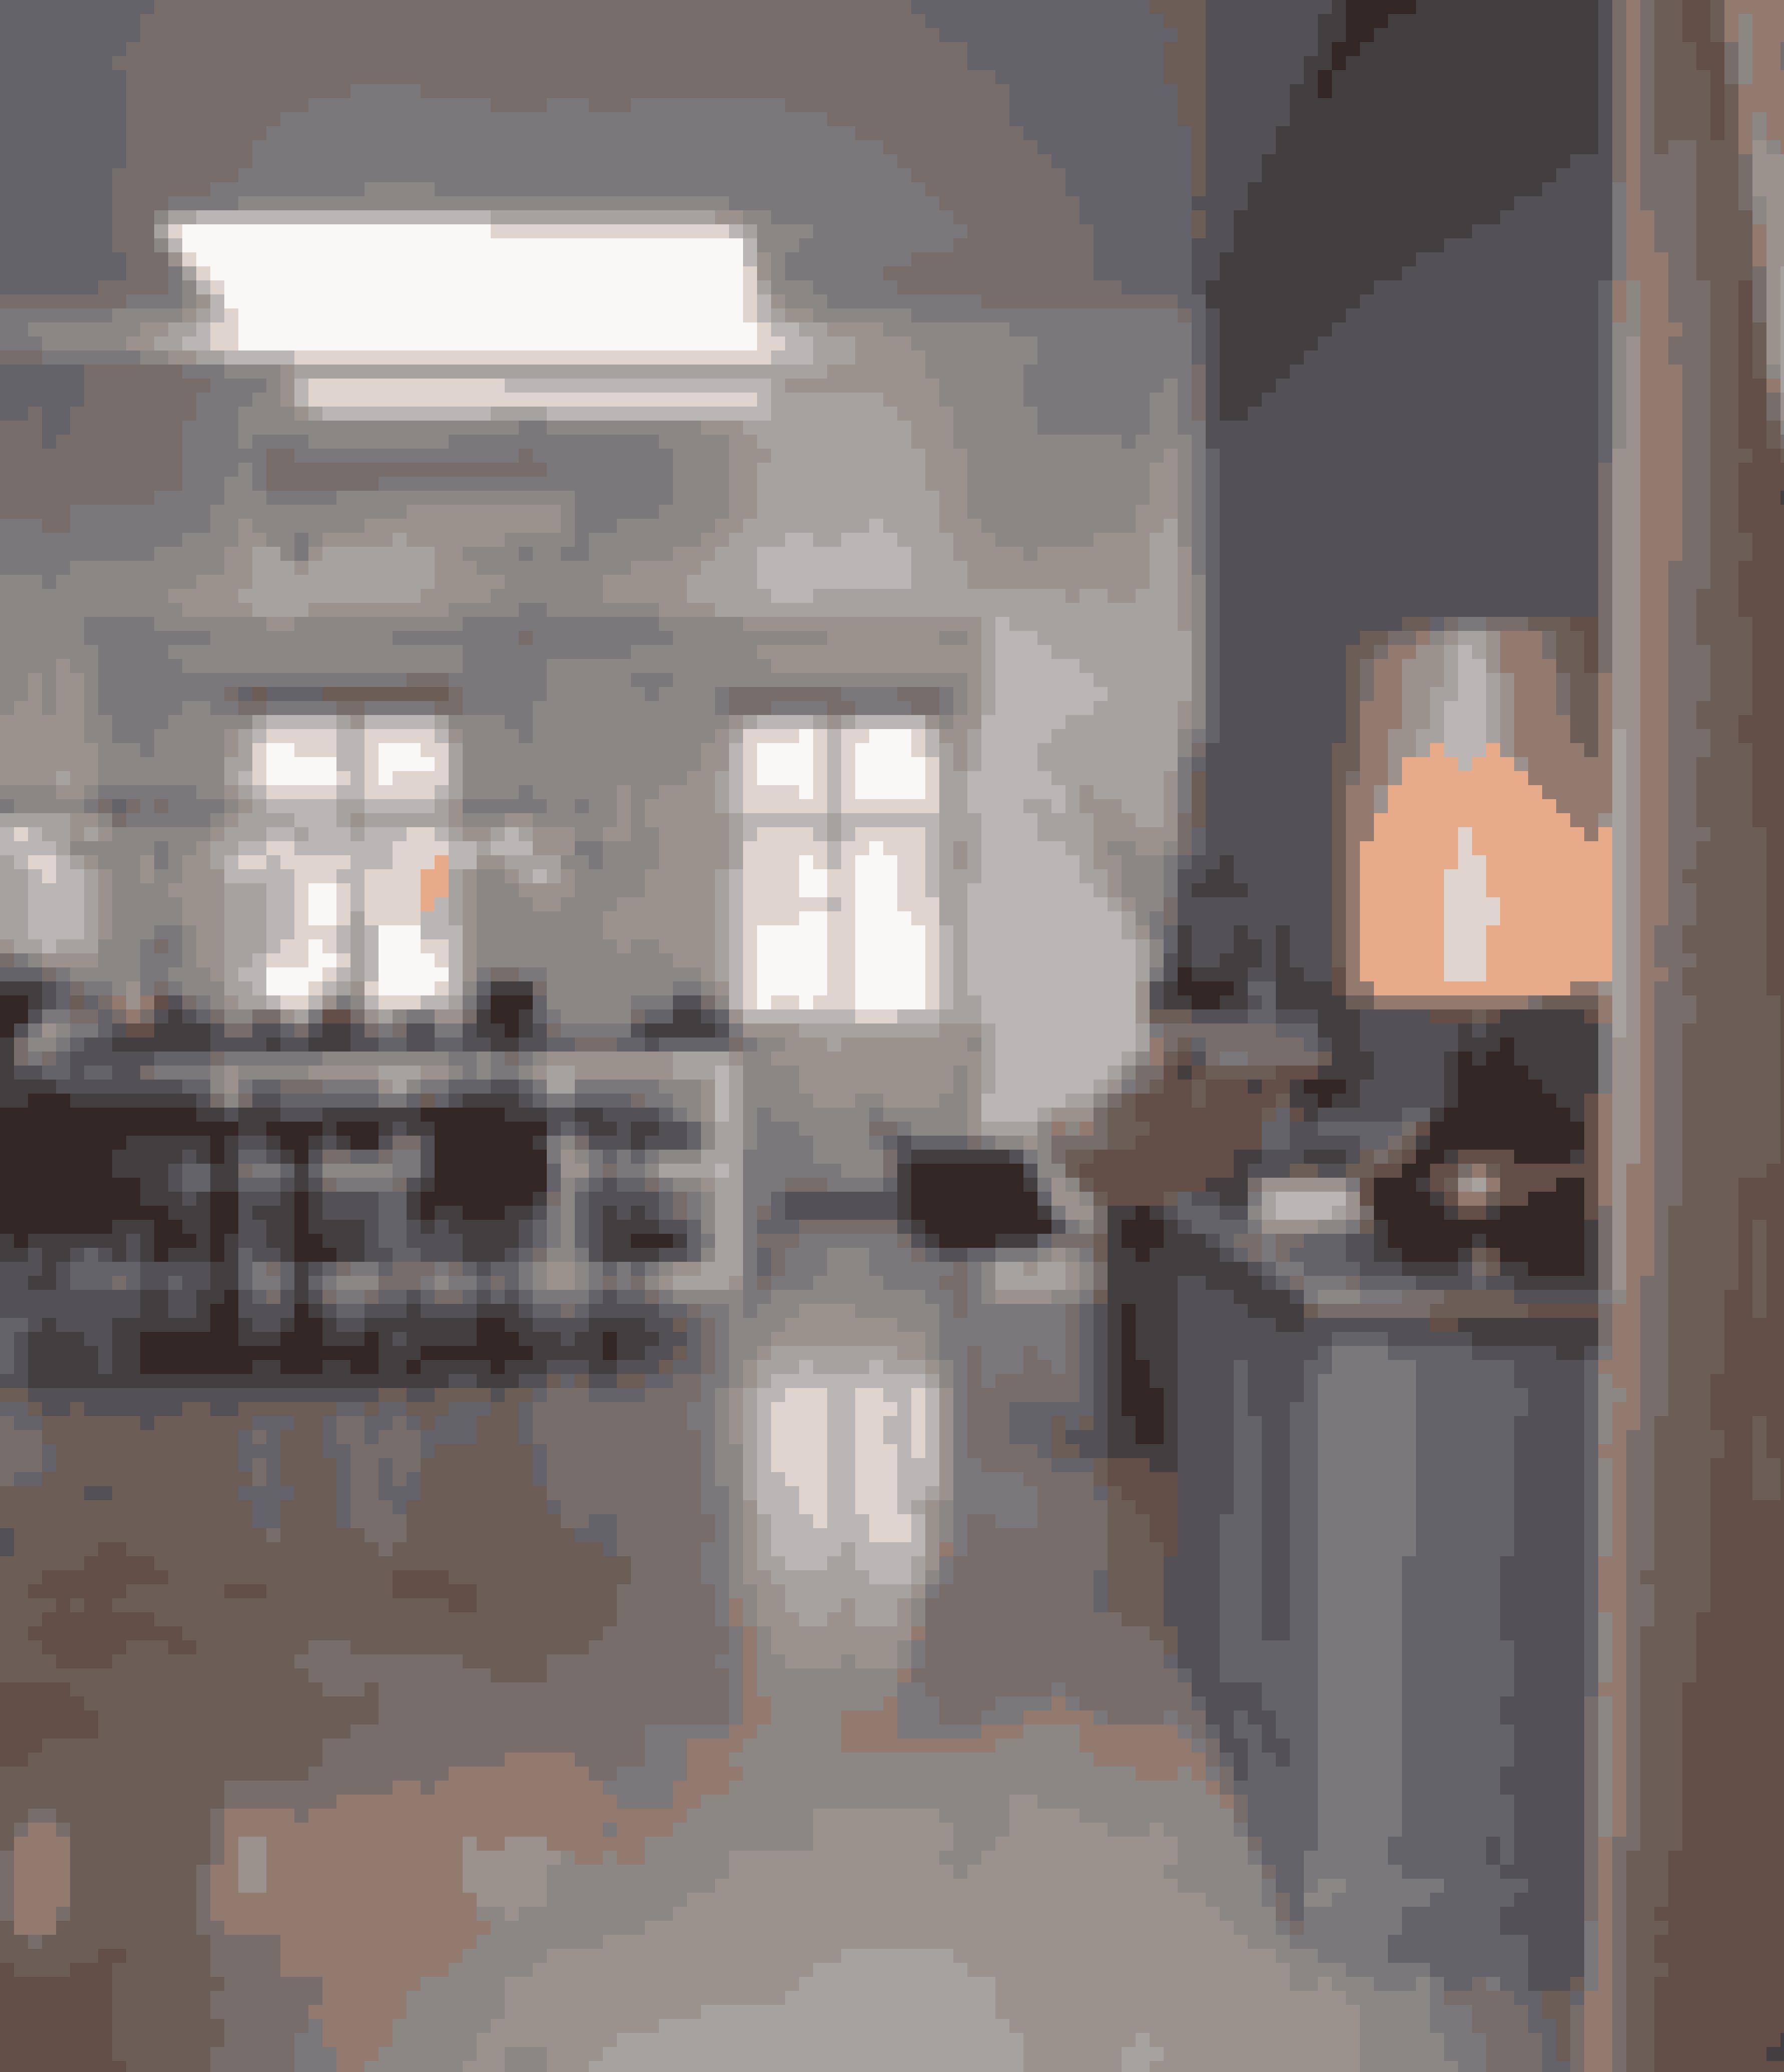 En malet væg som her kan gøre lyset i rummet diffust. Fra hoveddøren træder man direkte ind i hjemmets store fællesrum med gråt betongulv.